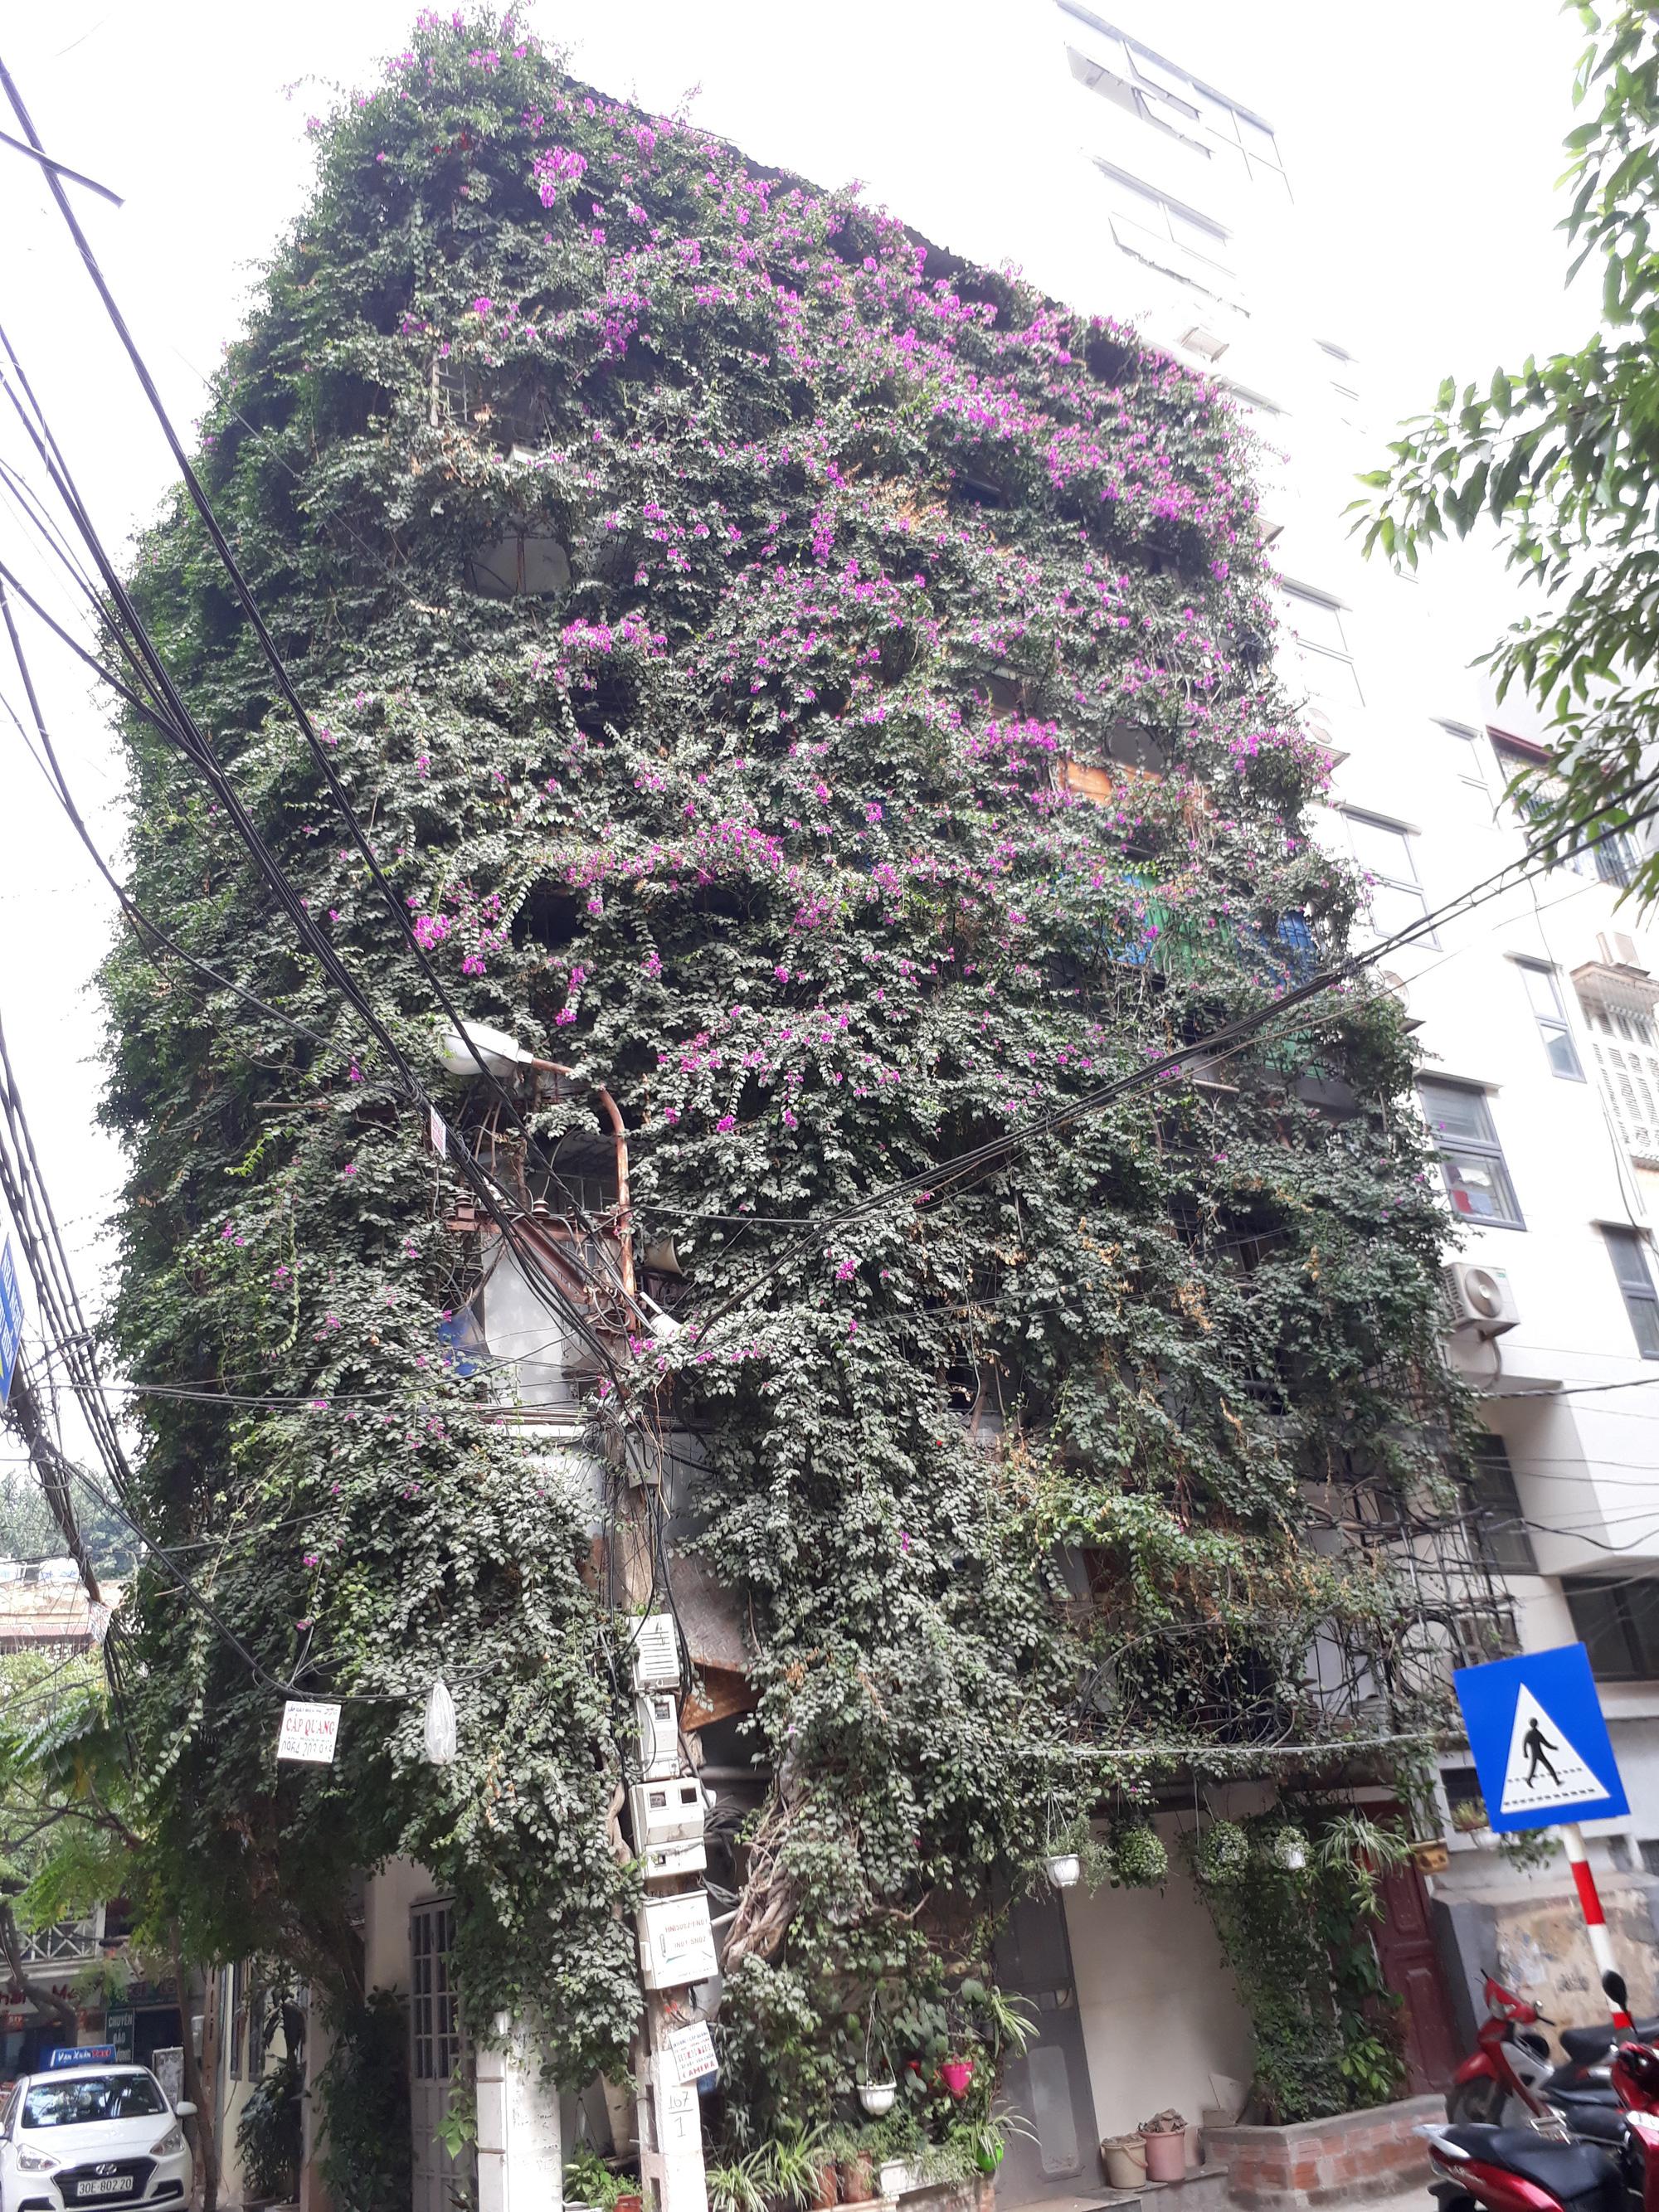 Nhà cây 5 tầng phủ kín hoa giấy ở Hà Nội, ai đi qua cũng dừng lại ngắm - Ảnh 14.